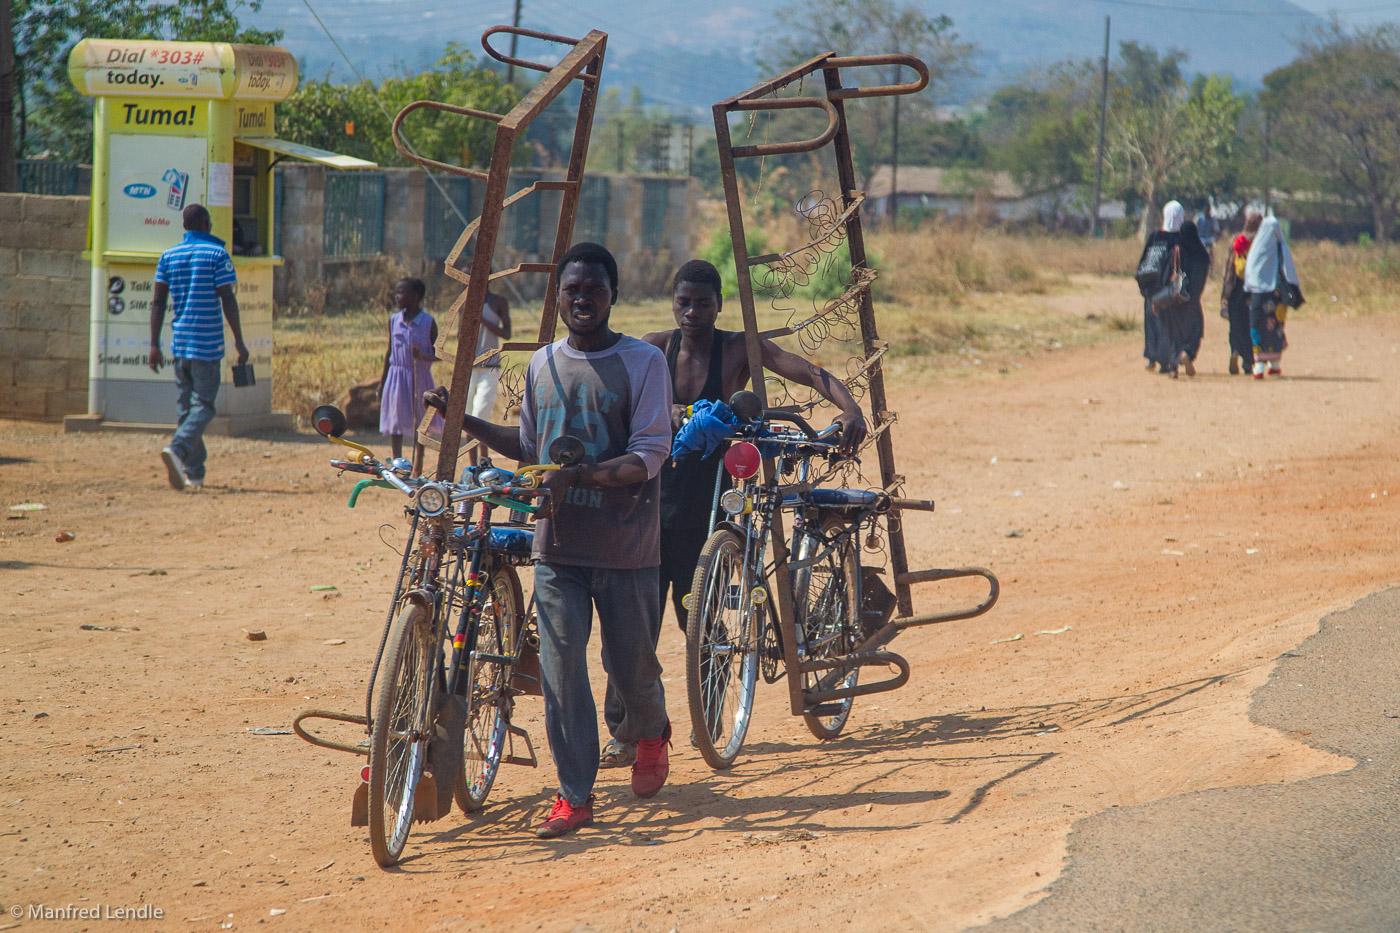 2019_Zambia_1D-5781.jpg